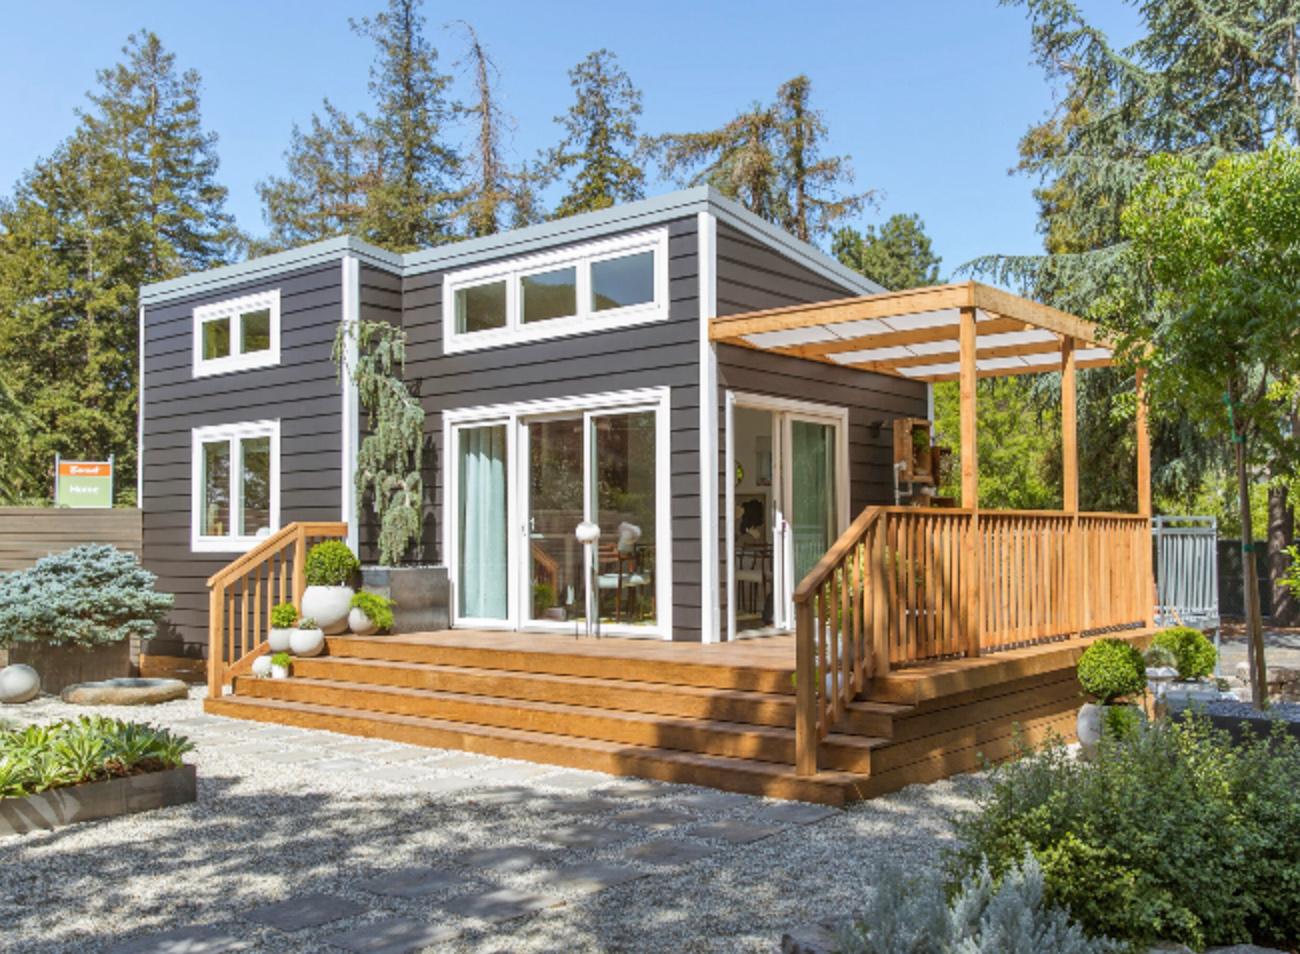 Sunset Magazine's charming cottage showcases inspiring ... on Bungalow Backyard Ideas id=12935